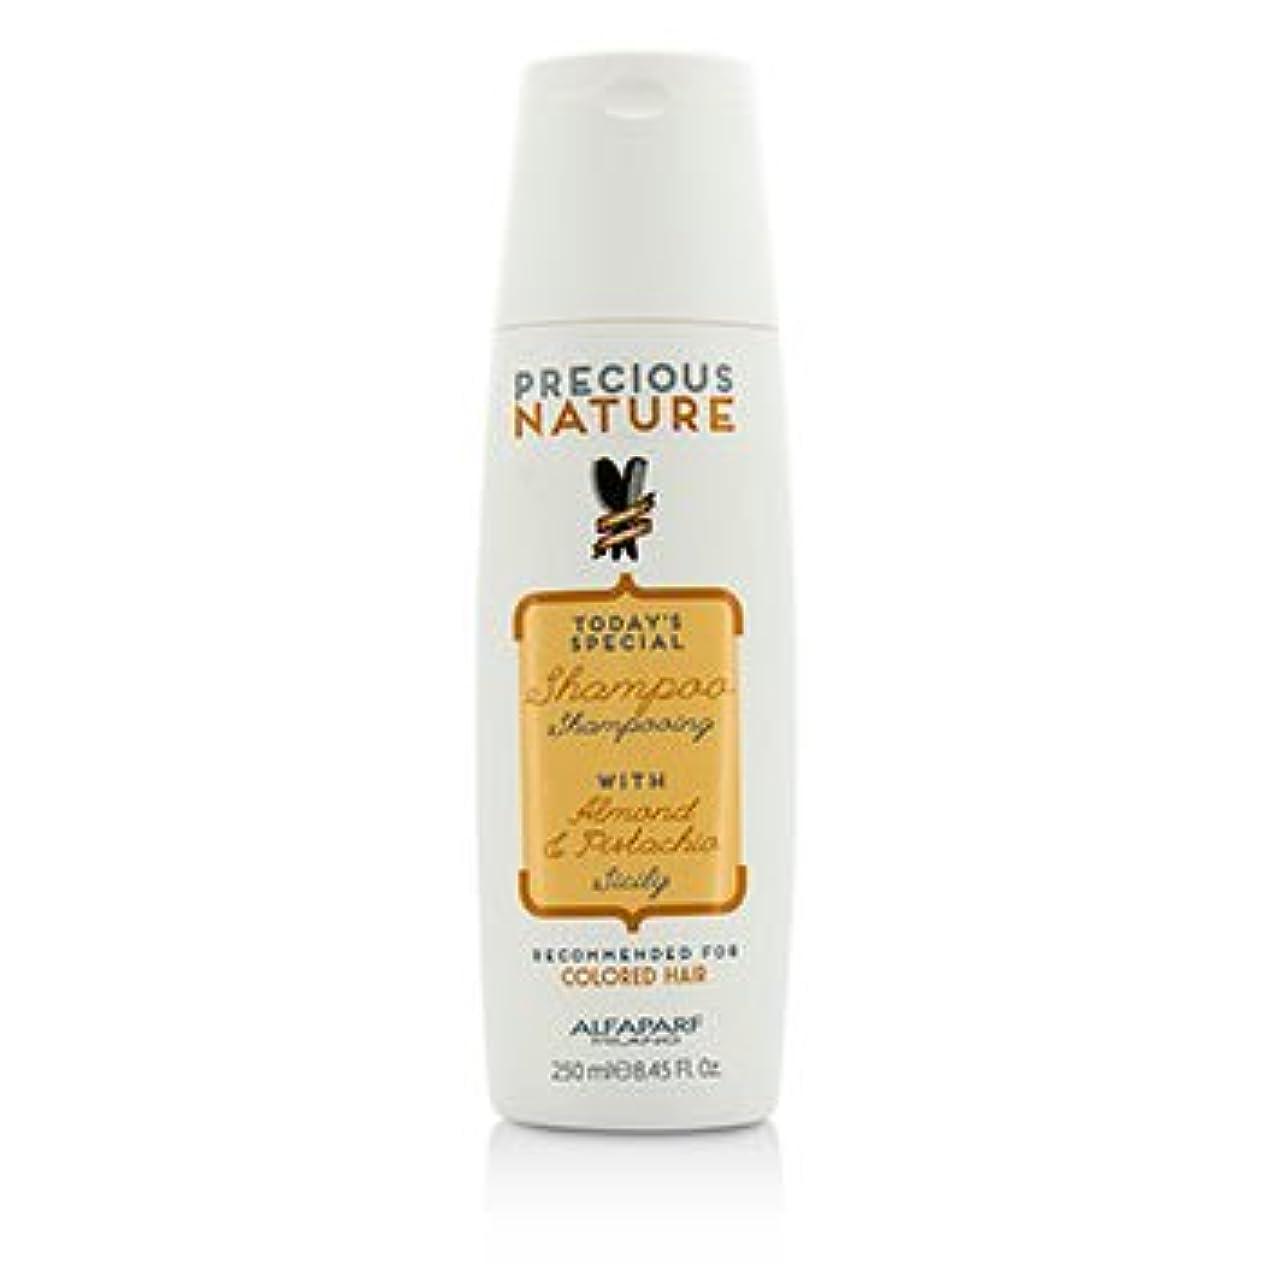 偽装するワイドライド[AlfaParf] Precious Nature Todays Special Shampoo (For Colored Hair) 250ml/8.45oz